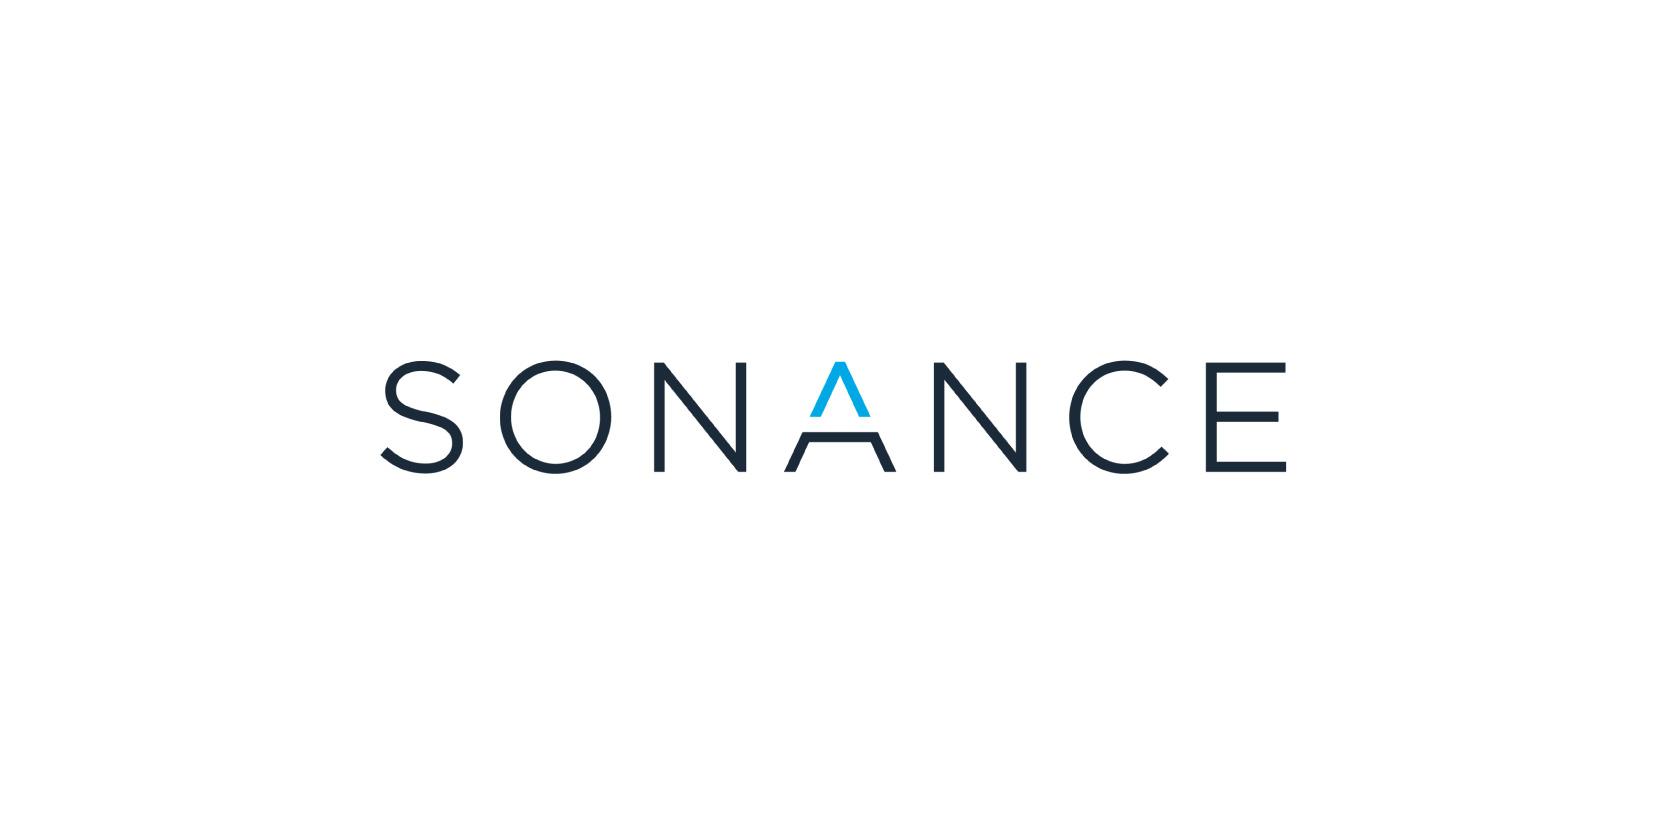 Sonance company logo